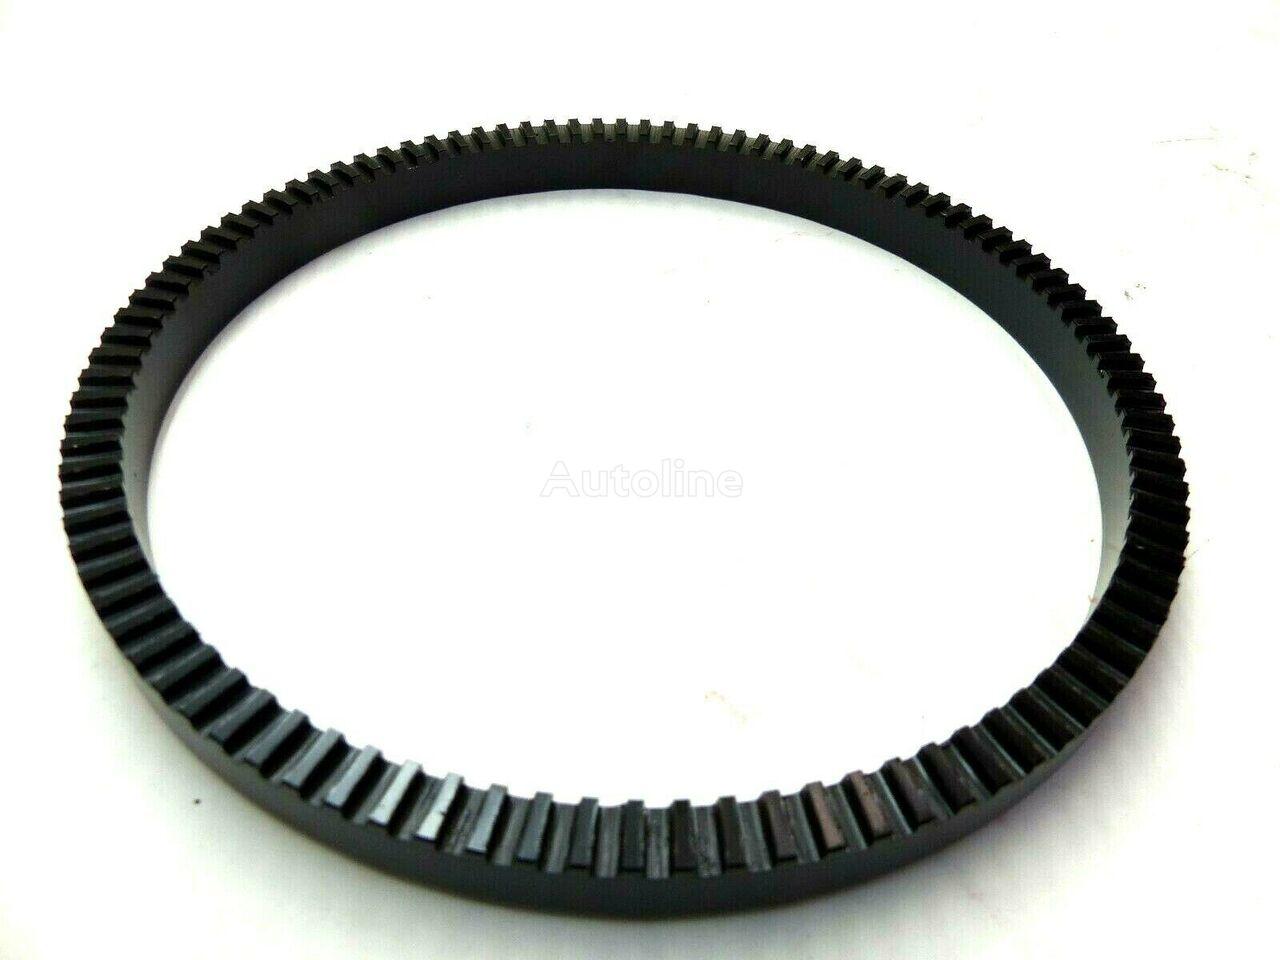 kuorma-auto ABS Ring Sensorring 76 x 194 x 12,5/15 (0331008140) muu pneumaattinen osa